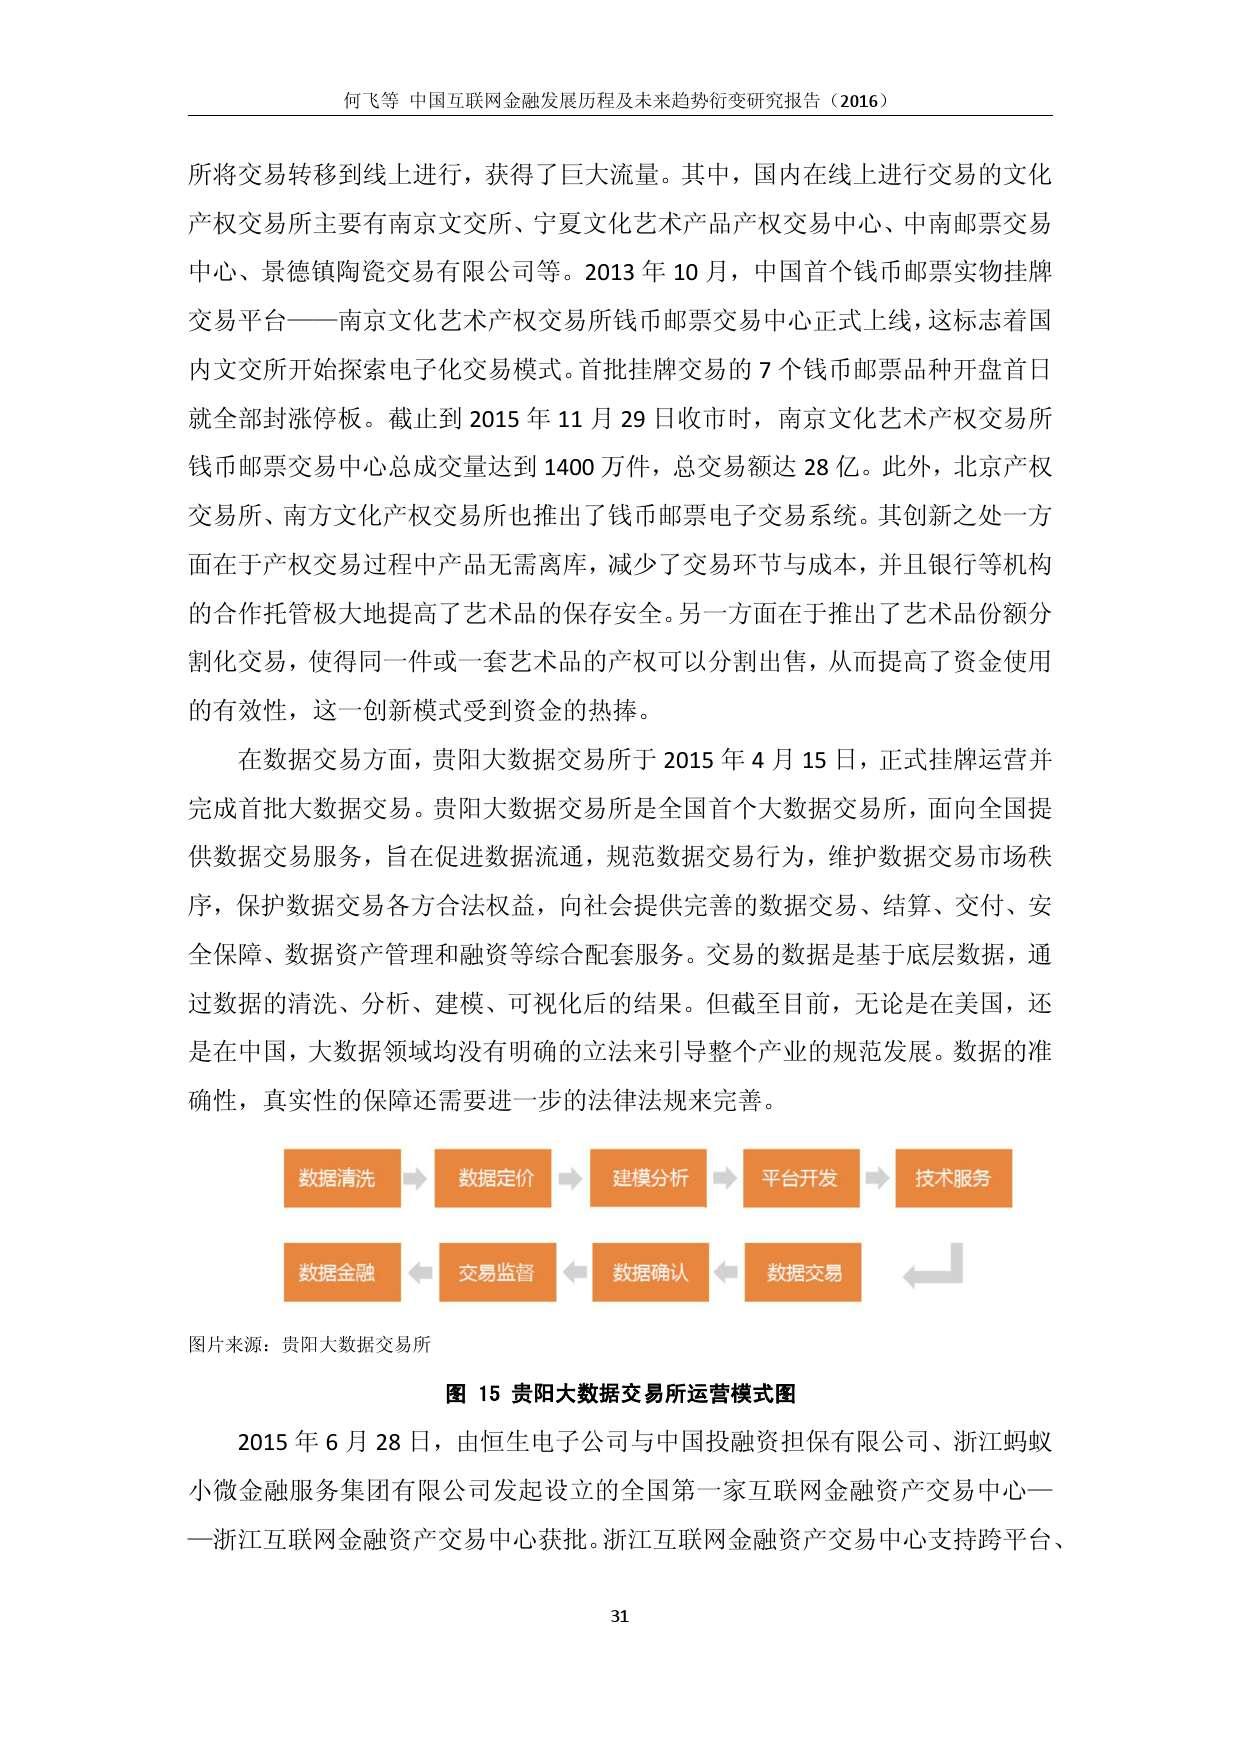 中国互联网金融发展历程及未来趋势衍变研究报告(2016)_000036